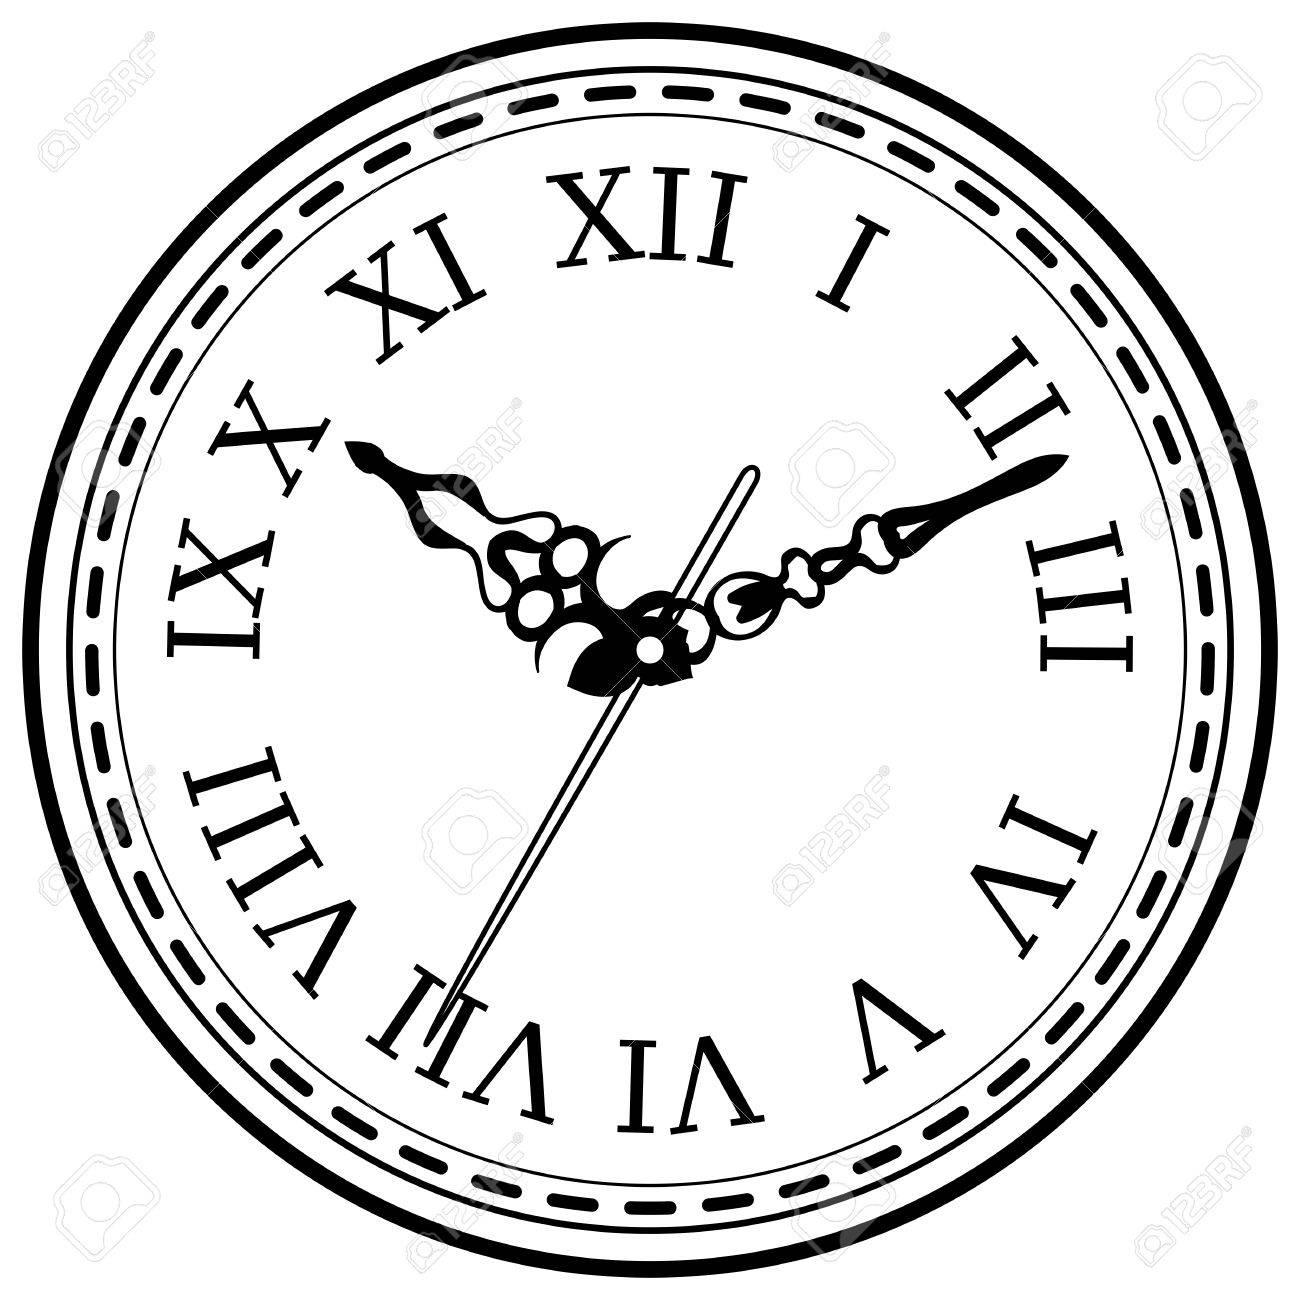 Léments De Design D'intérieur Horloge Vintage Éléments De Dessin D'encre  Dessinés À La Main Isolé Sur Fond Blanc dedans Dessin D Horloge